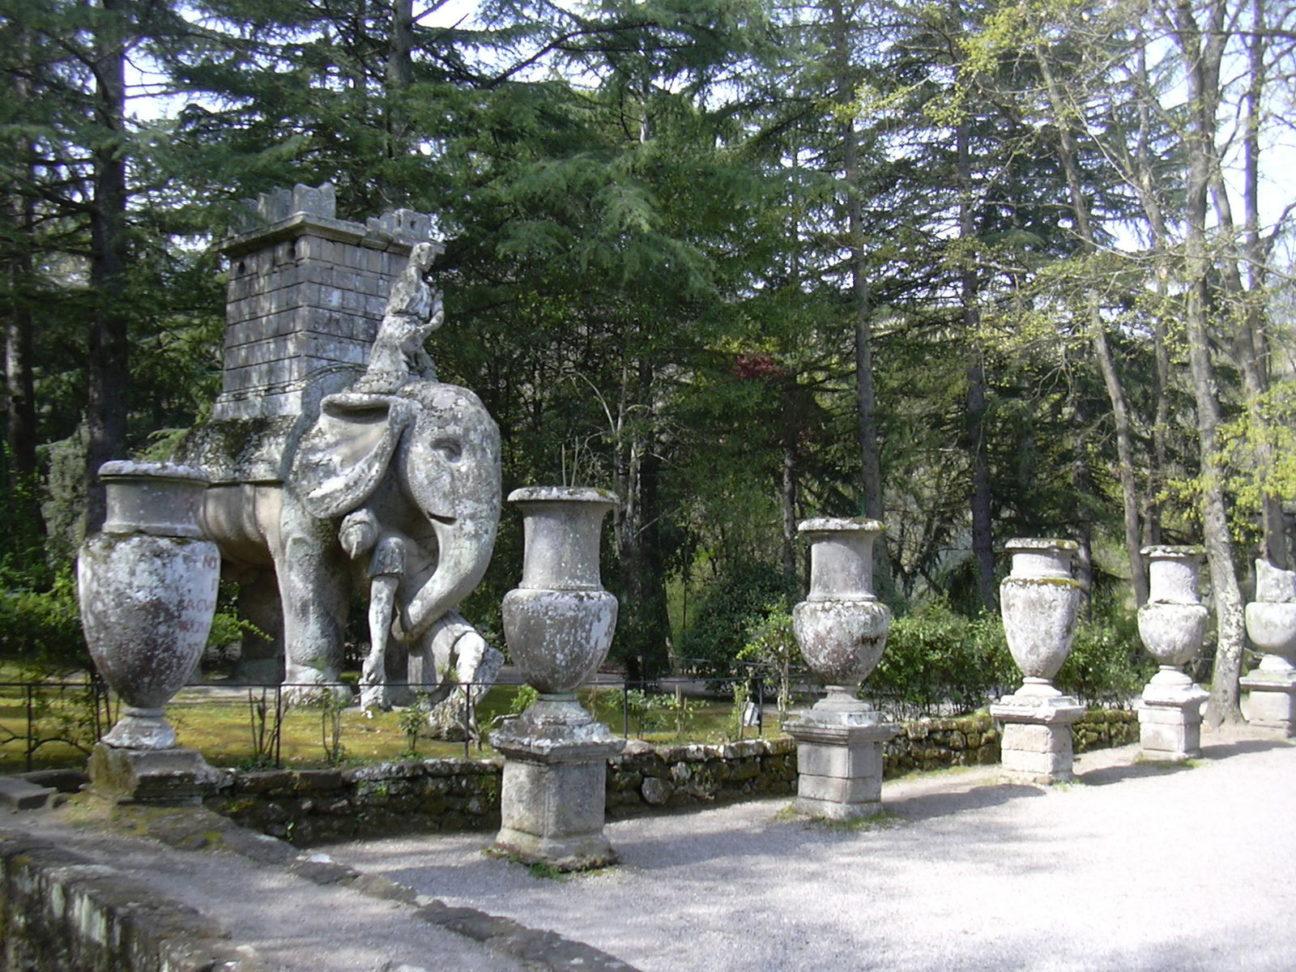 MONSTRES DE BOMARZO